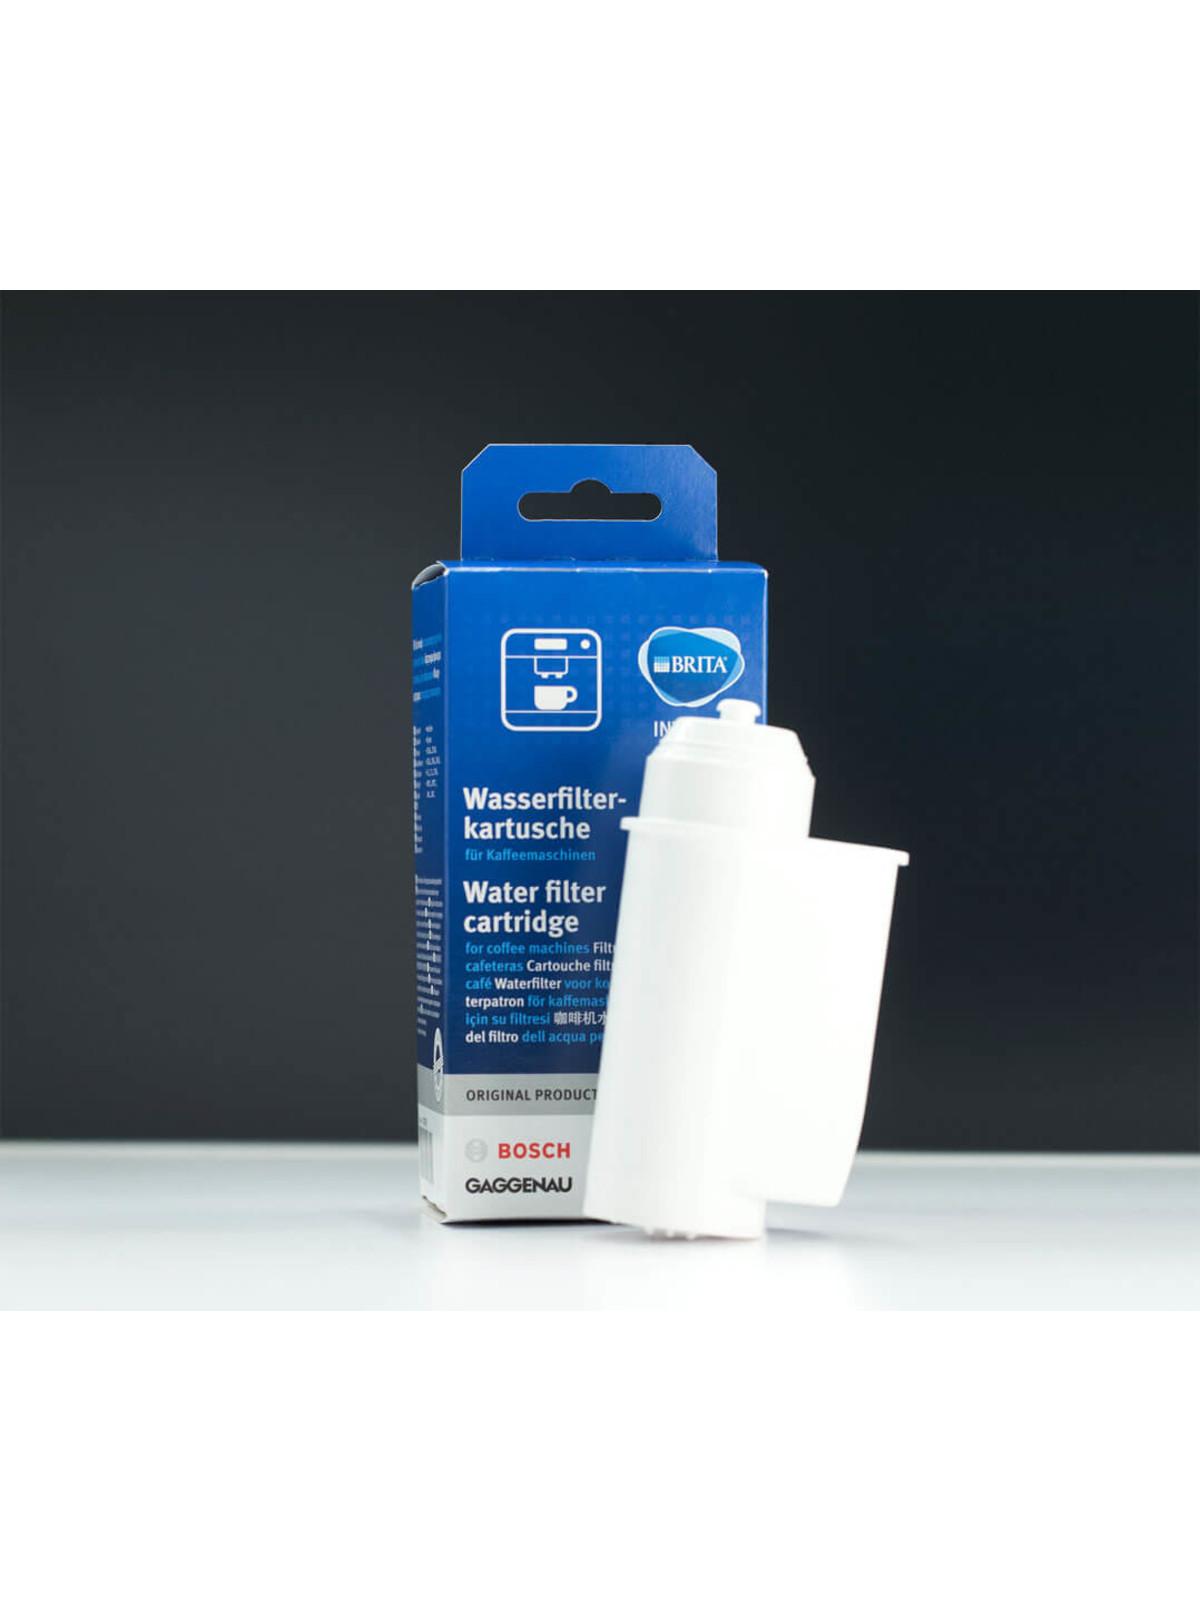 SIEMENS Brita Intenza Waterfilter